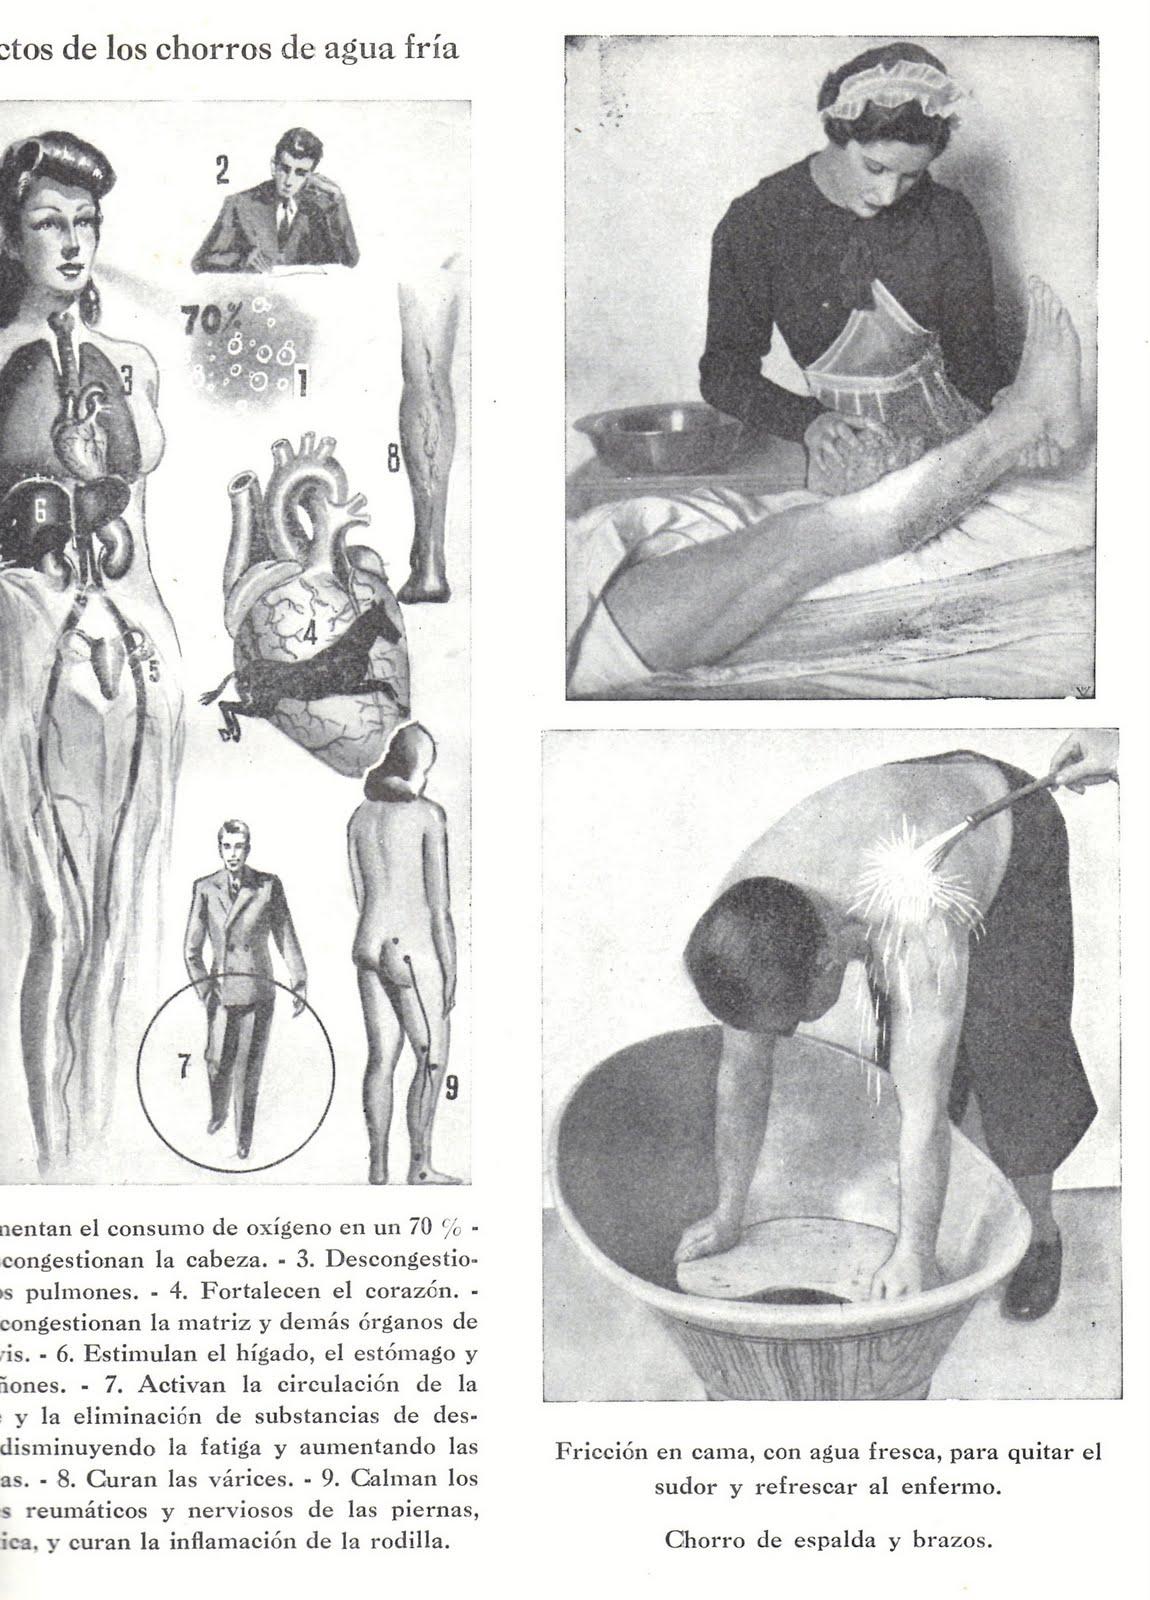 Mayo - Medicina Natural